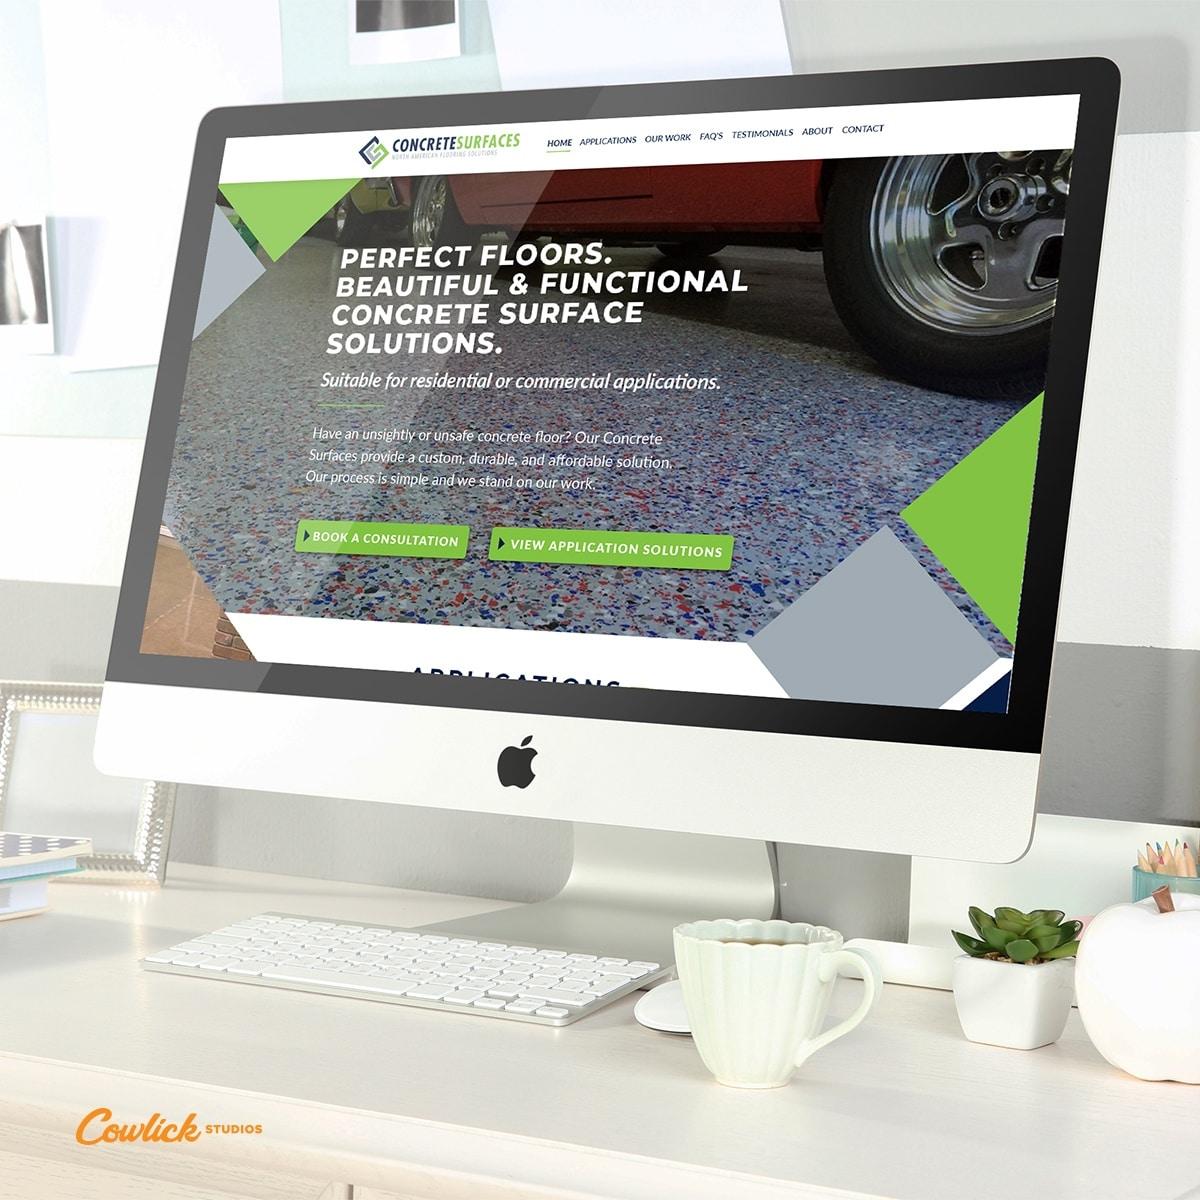 Web Design Wheatley - Canadian Concrete Surfaces Web Design